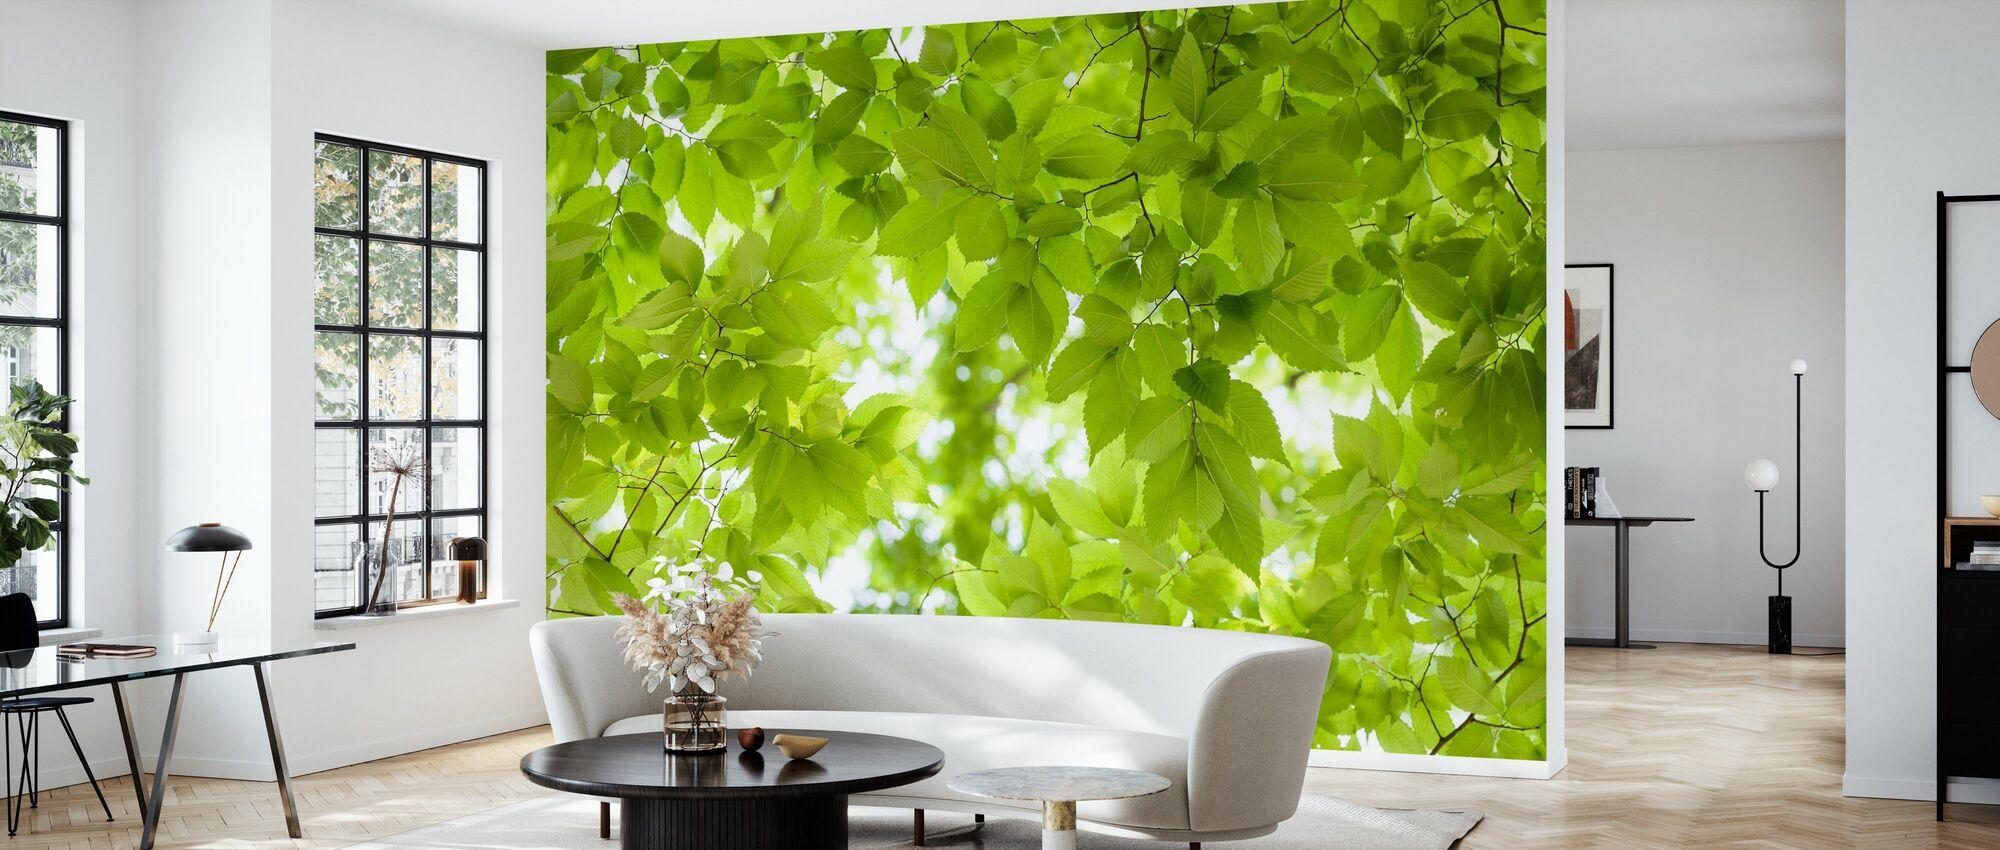 Green Leaves Background - Wallpaper - Living Room